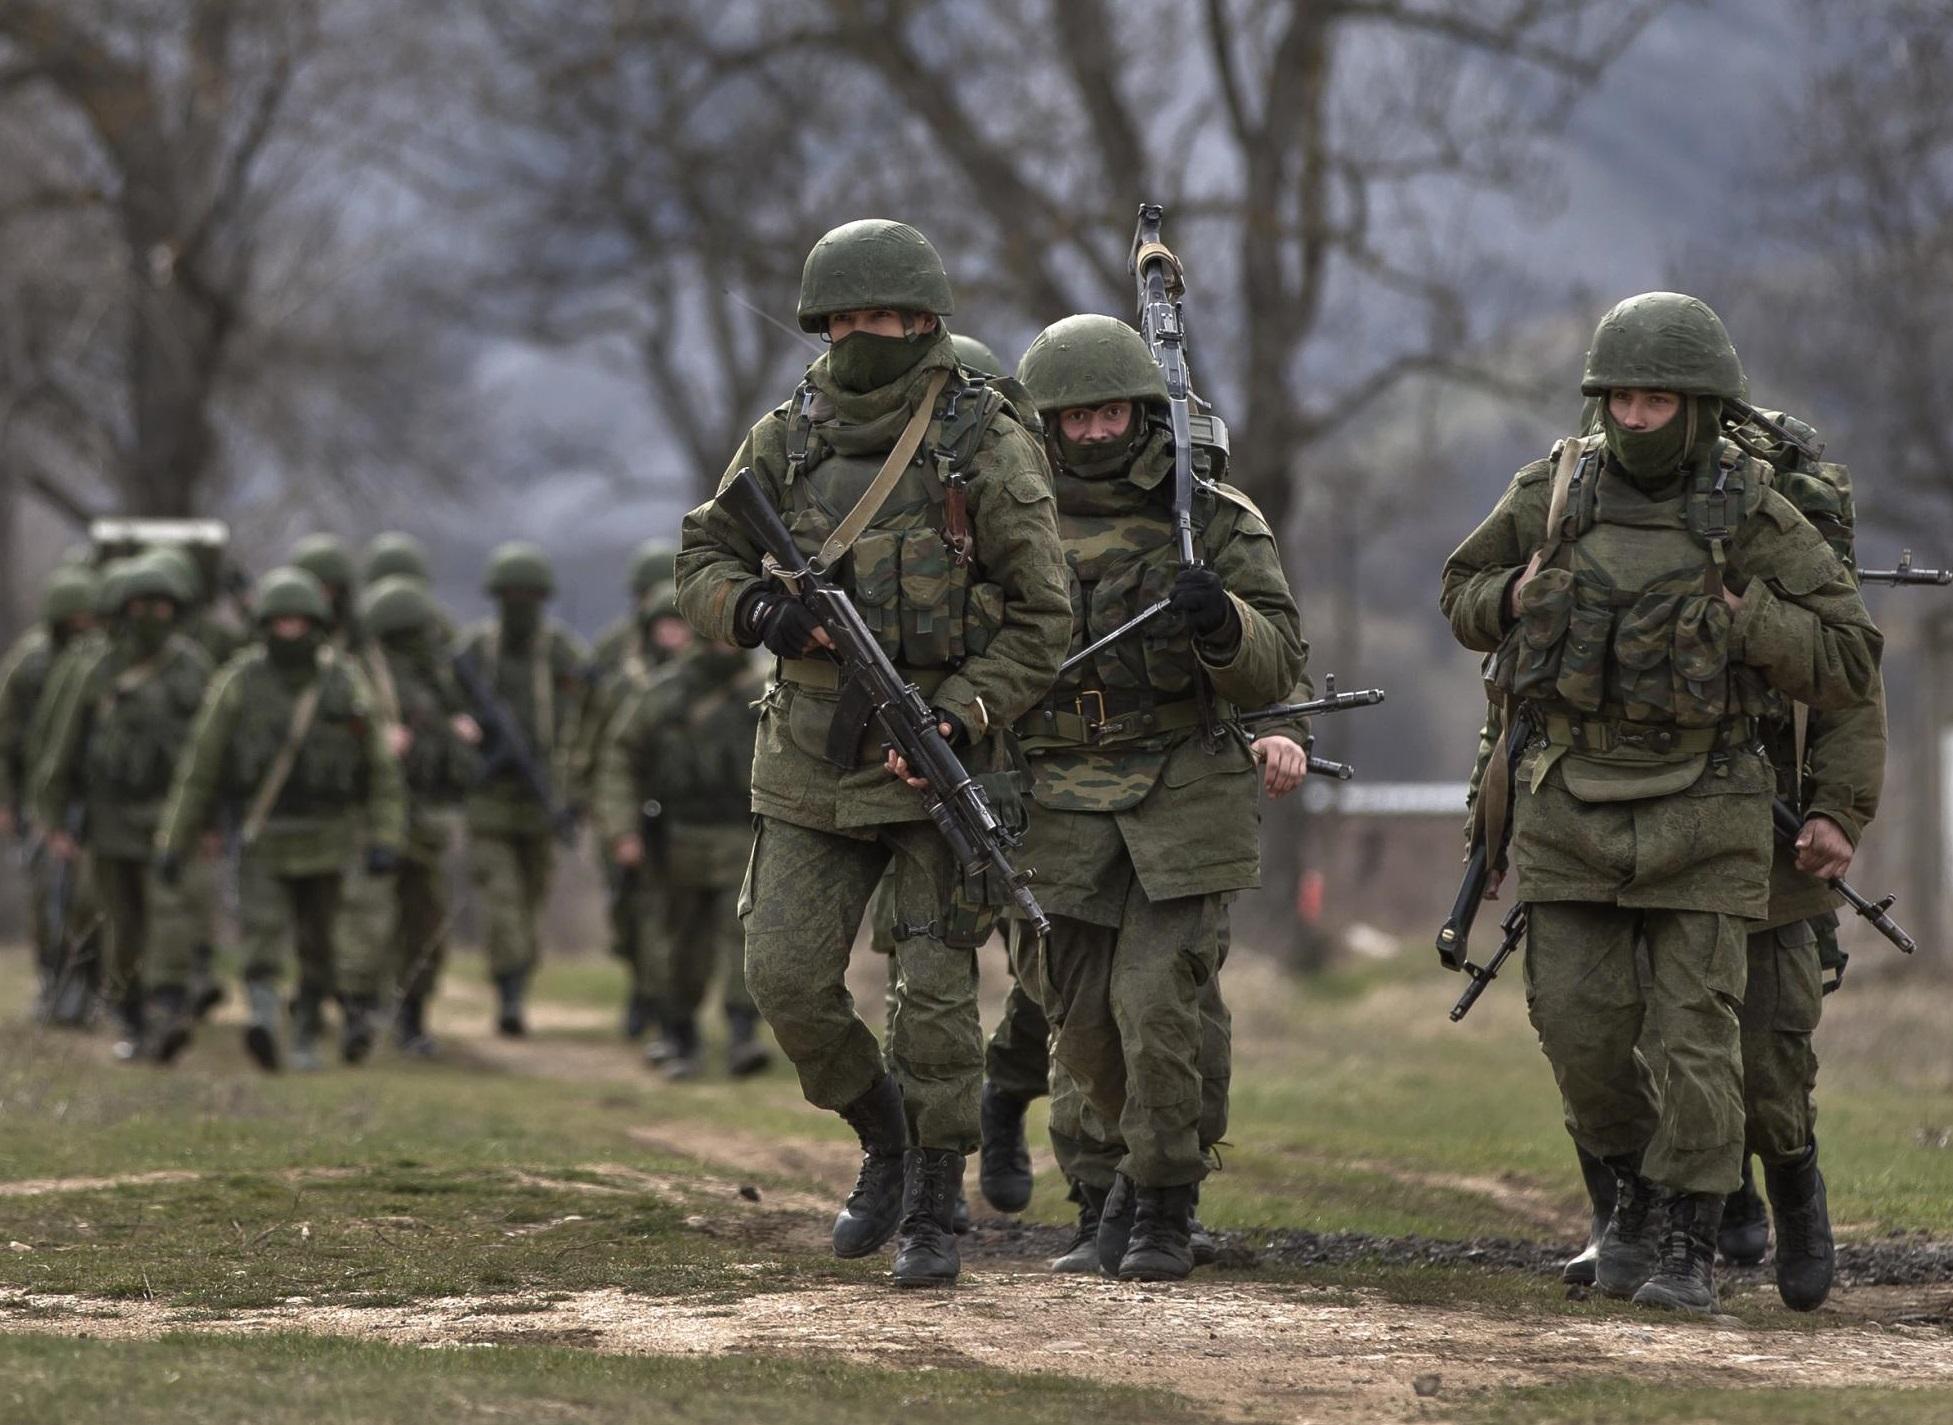 Situazione Ucraina, continuano le polemiche tra Russia e America. Oltre 600 militari russi hanno iniziato esercitazioni in Crimea